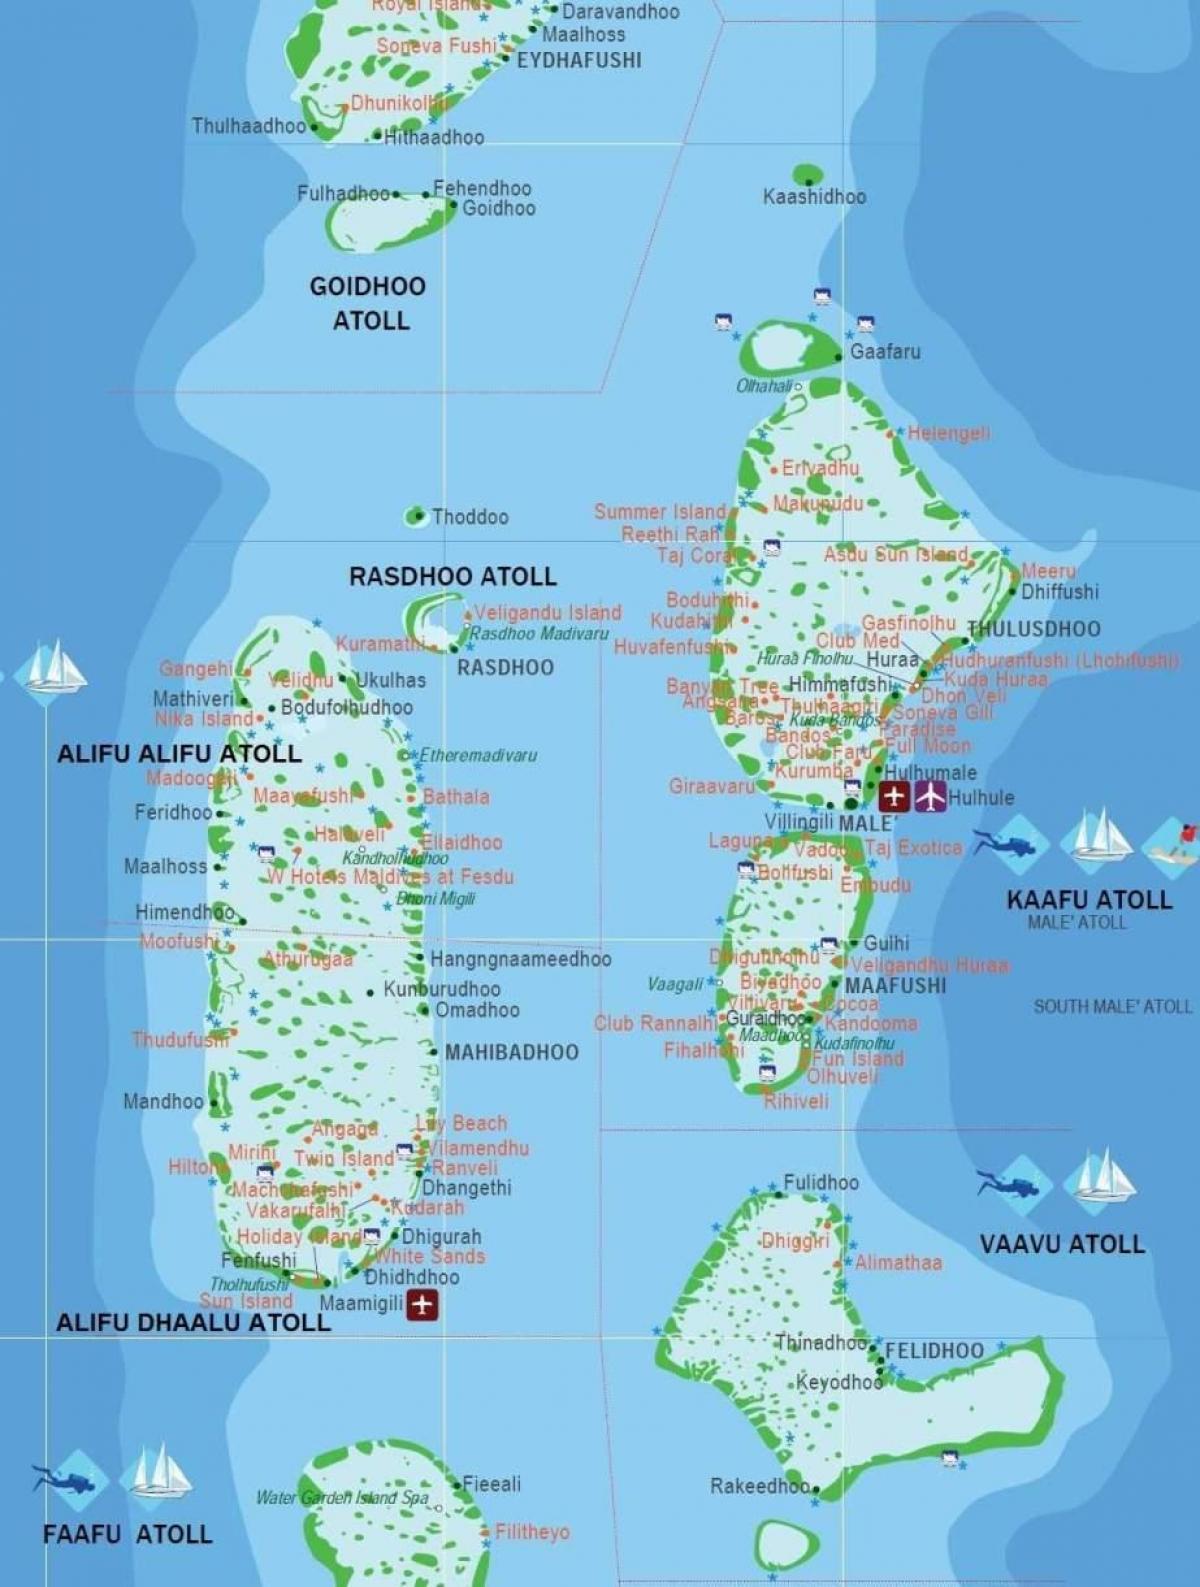 Mapa De La Isla De Maldivas Para Visitantes